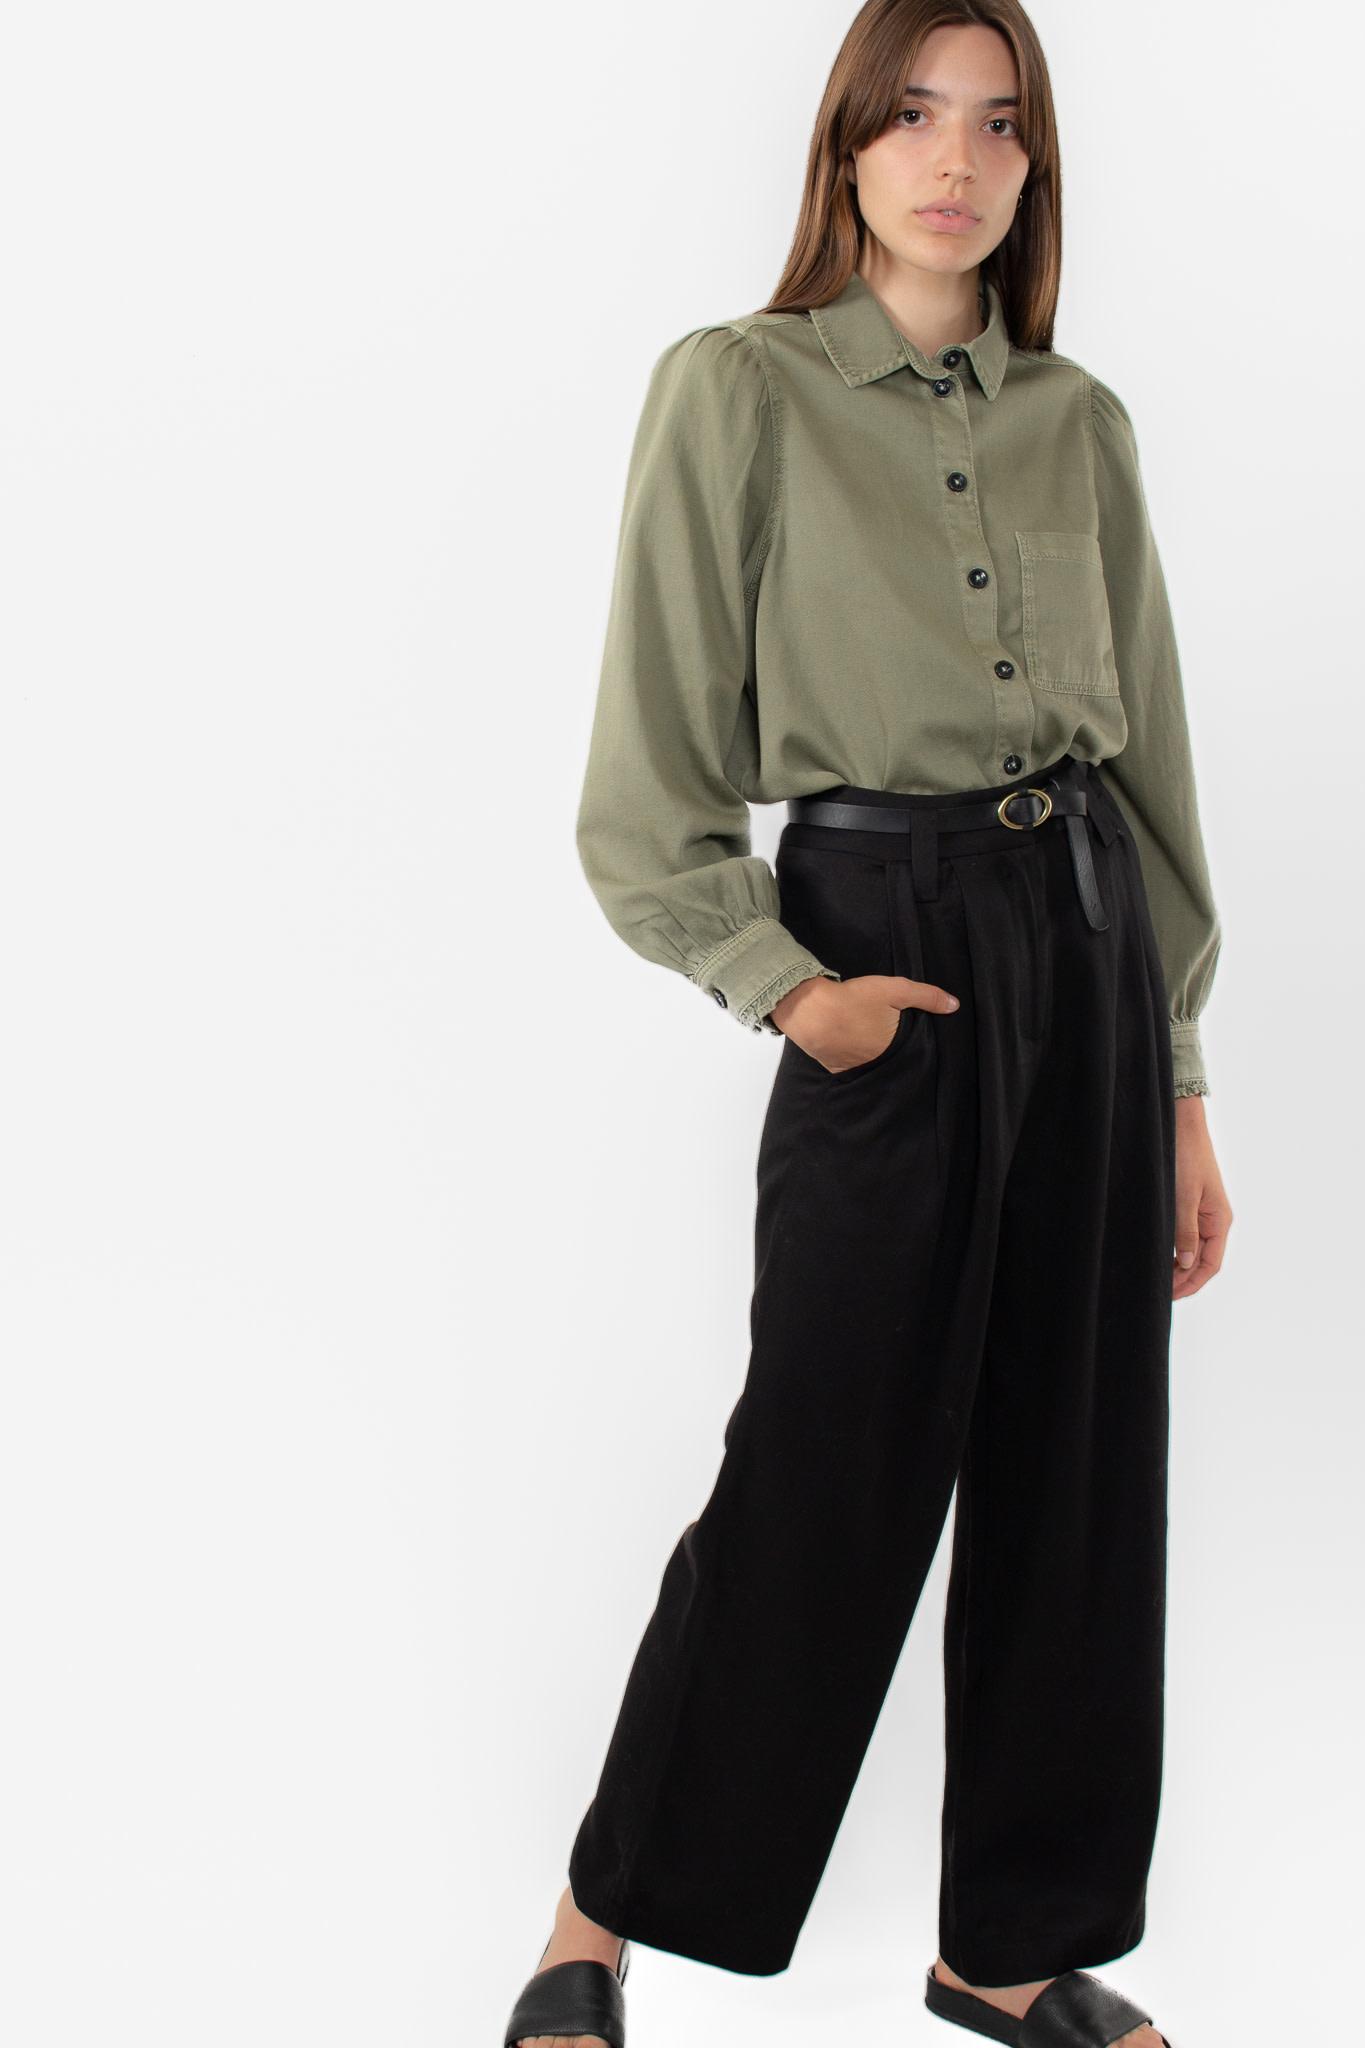 The Korner The korner black pant